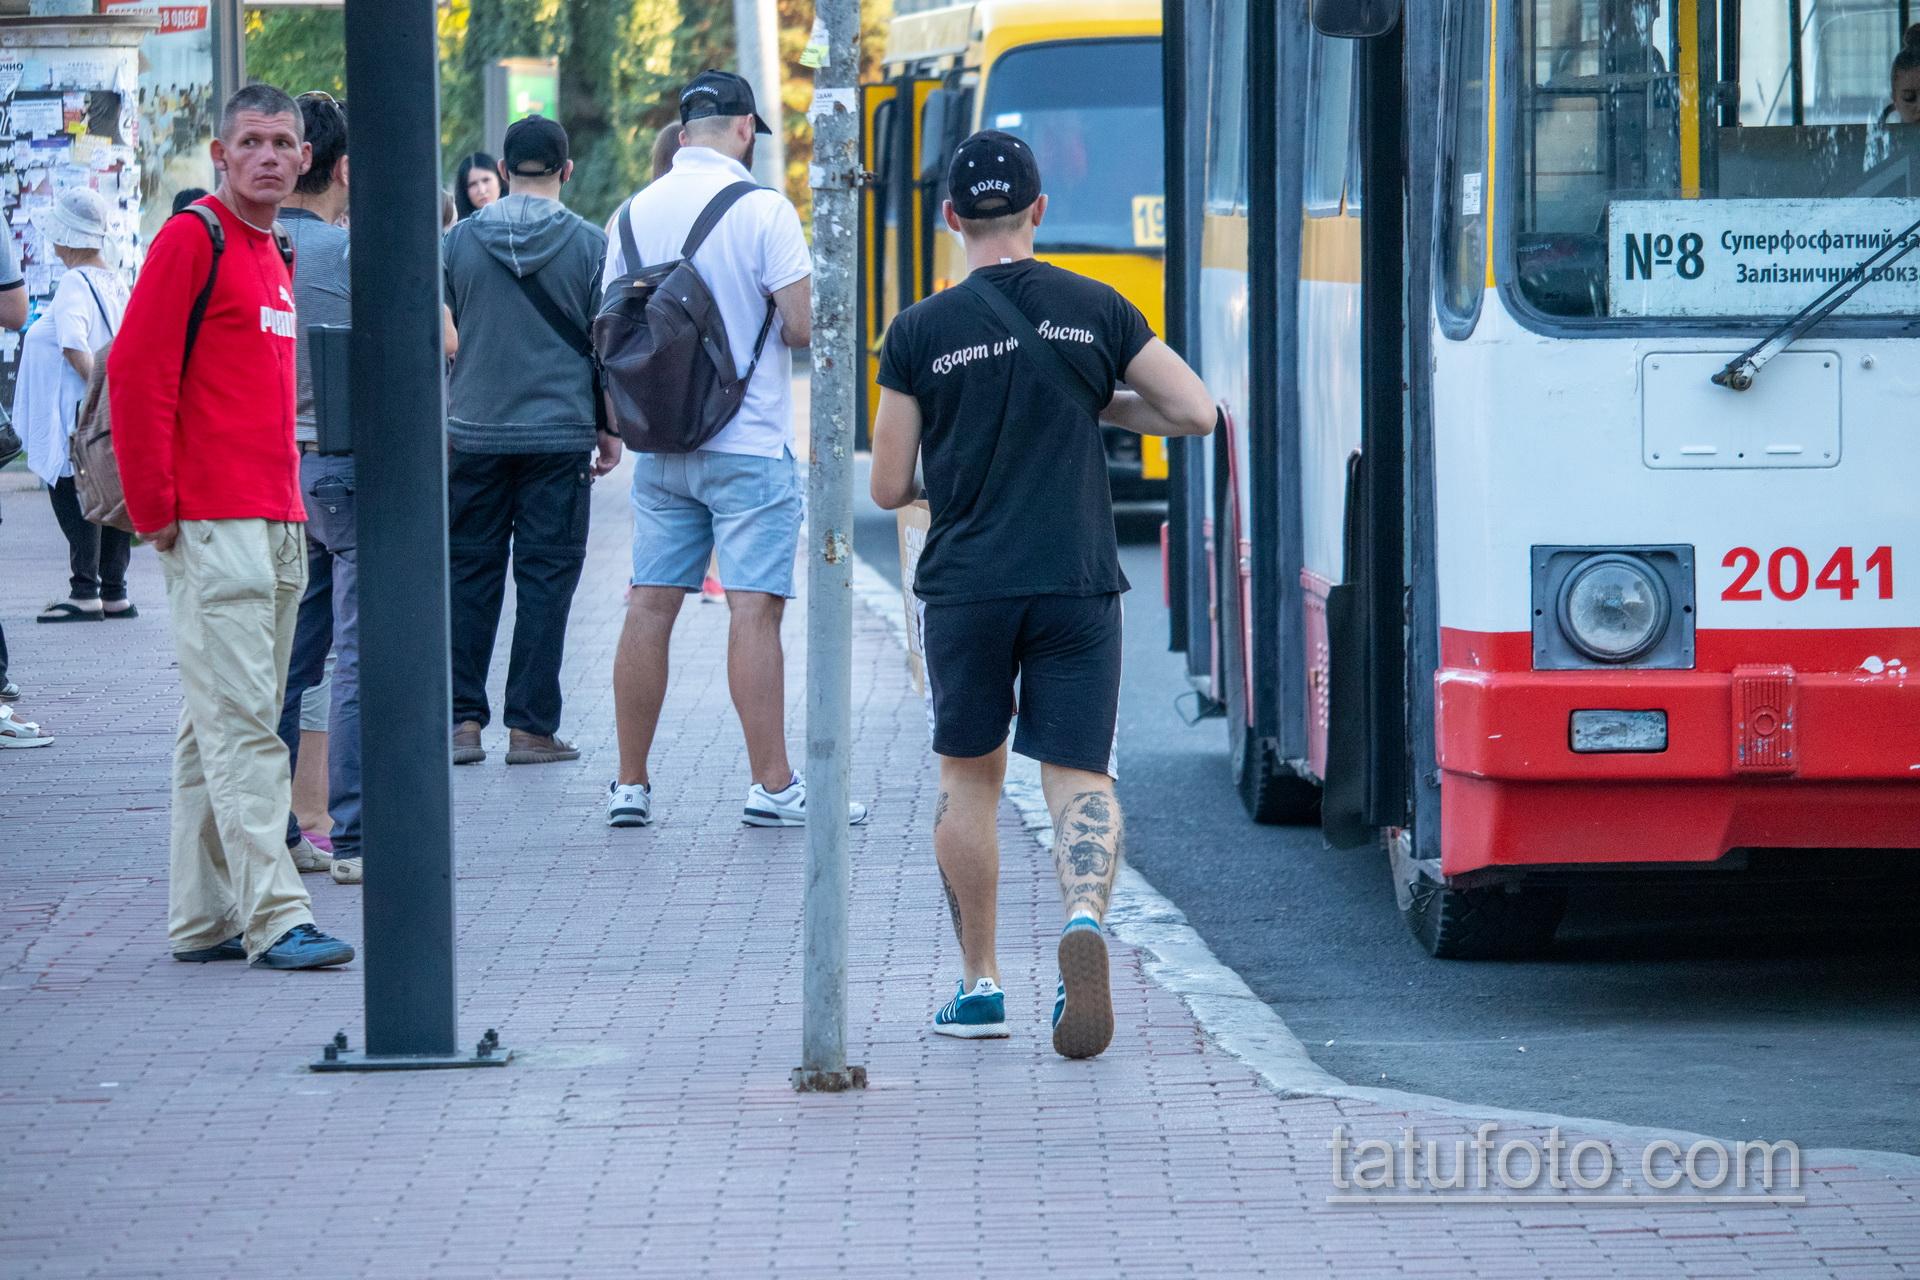 Олдскул тату на ноге парня с тигром – боксером и цепями - Уличная татуировка 14.09.2020 – tatufoto.com 5